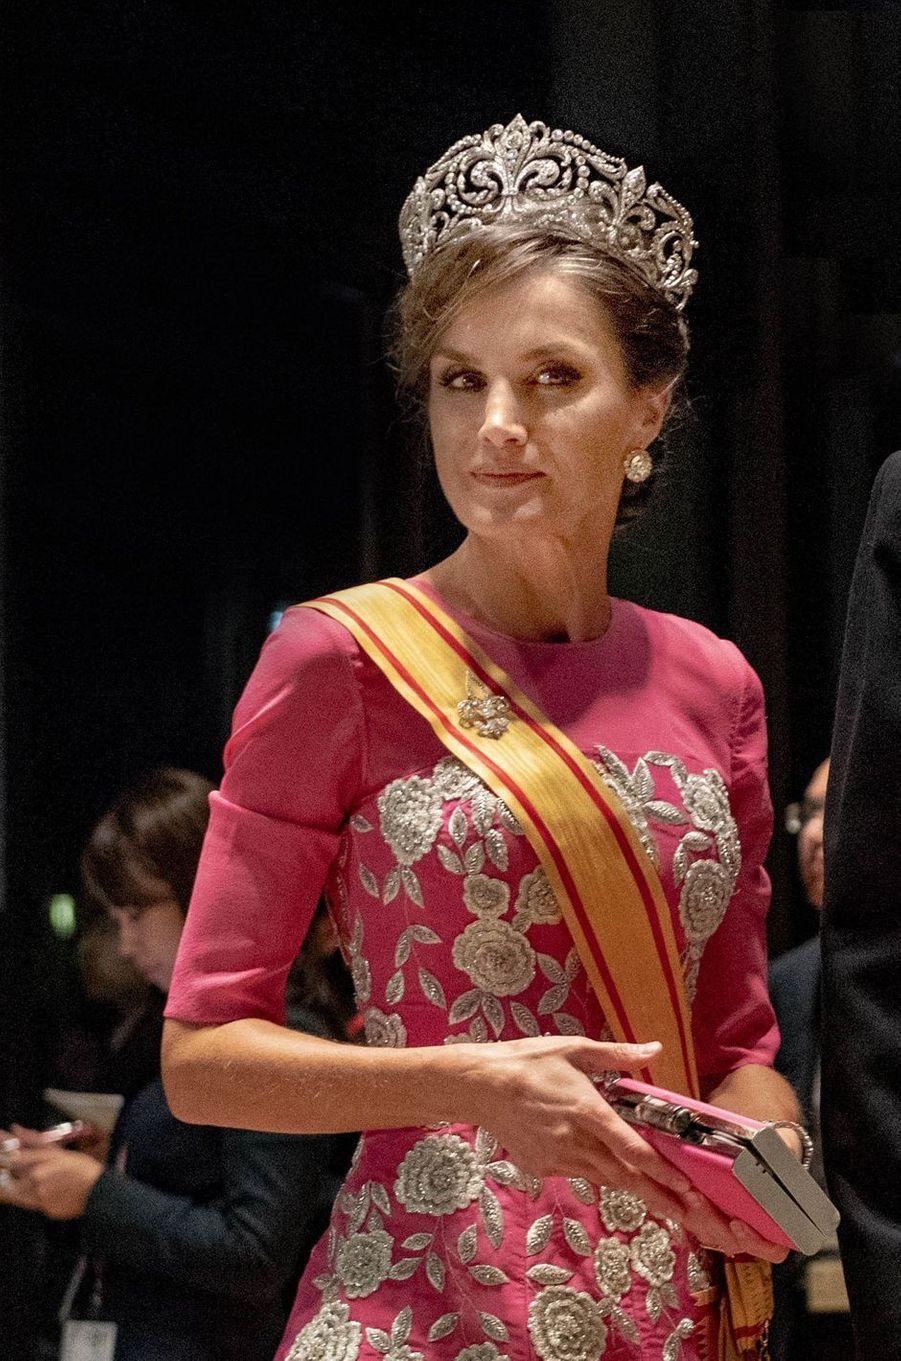 La reine Letizia d'Espagne coiffée du diadème fleur de lys à Tokyo, le 22 octobre 2019